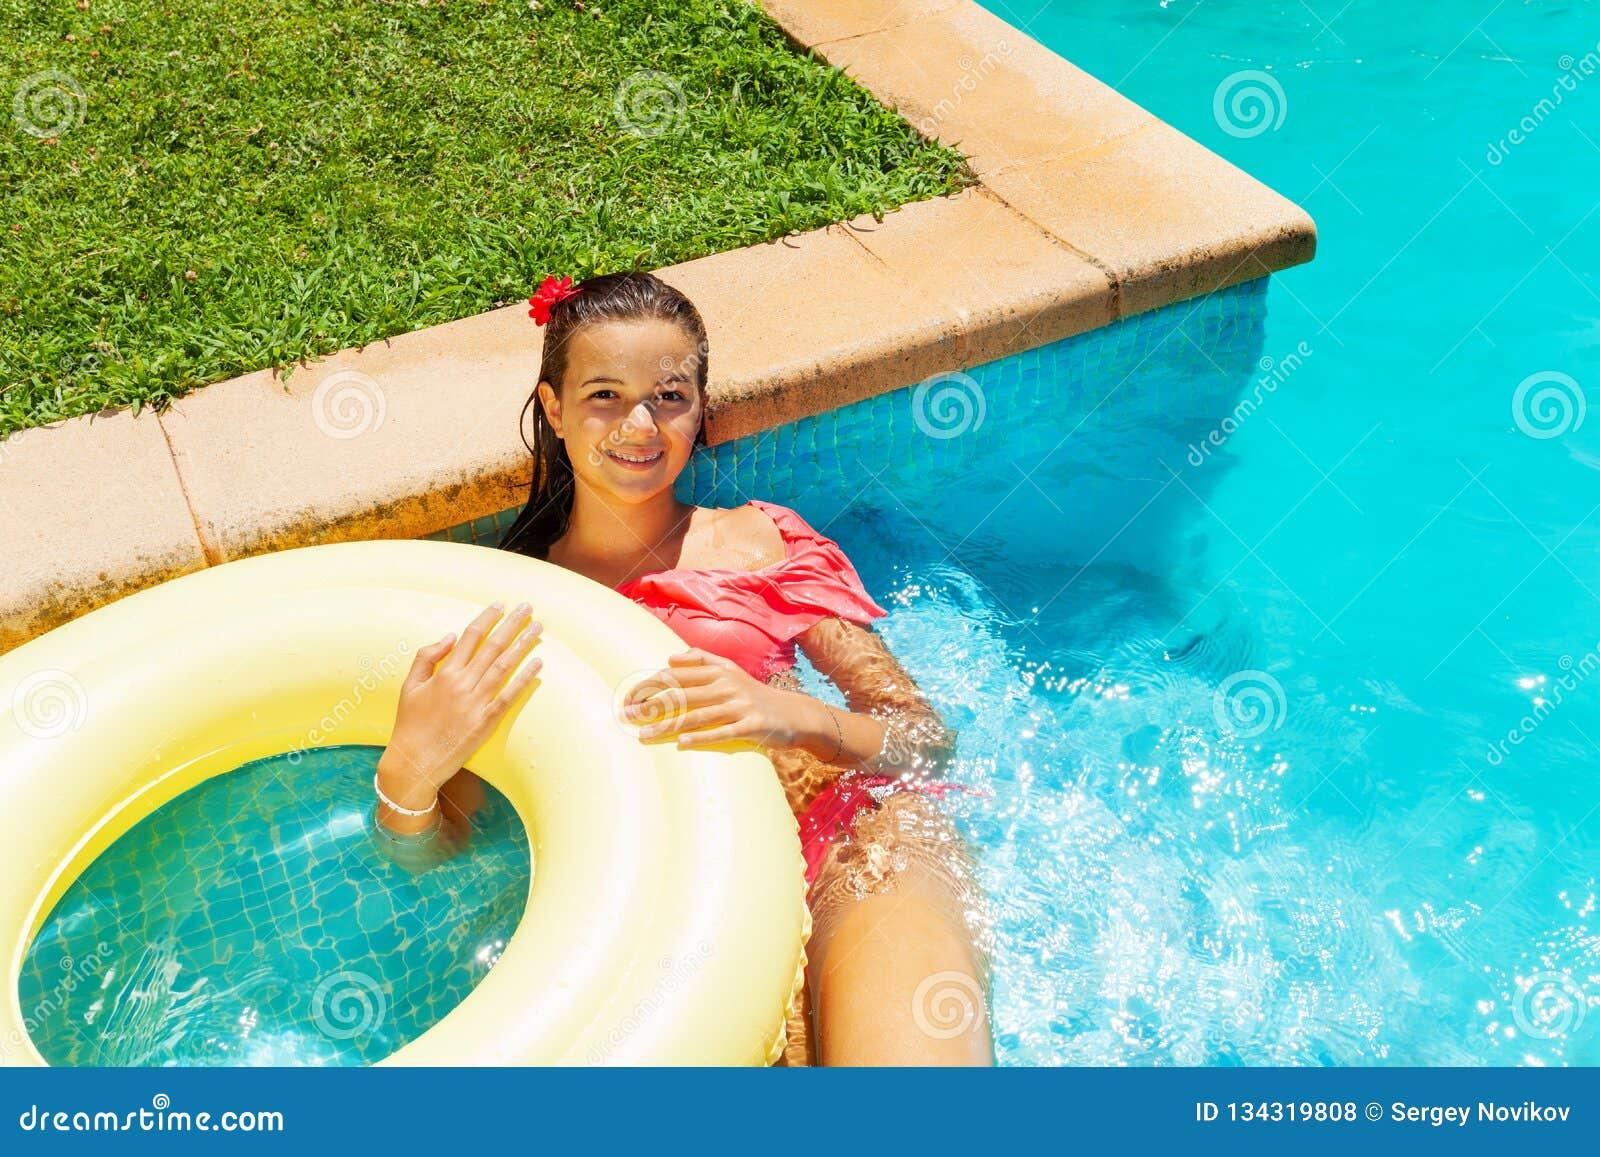 9e2a902ac57c9 Above view of teenage girl in bikini relaxing in swimming pool with big  yellow swim ring